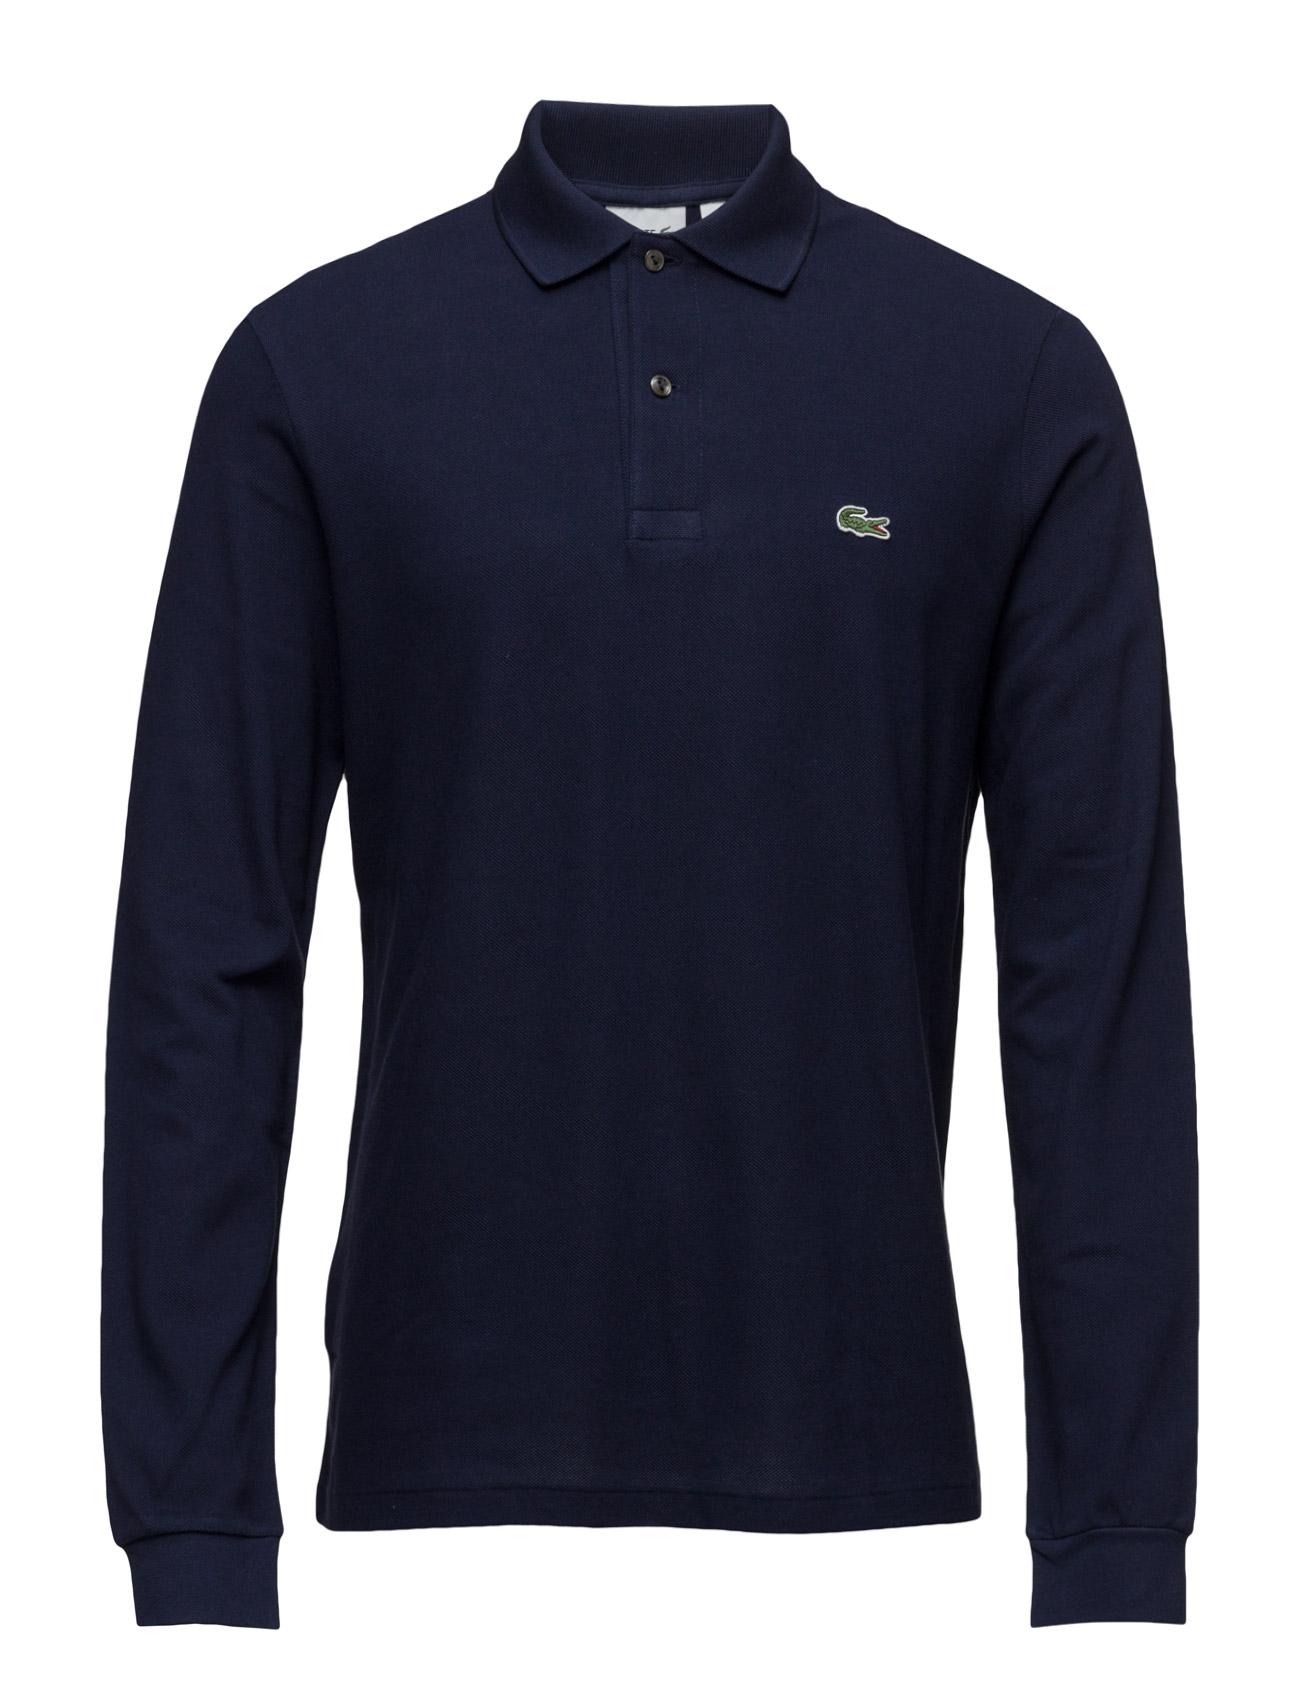 Polos Lacoste Længærmede polo t-shirts til Herrer i hvid